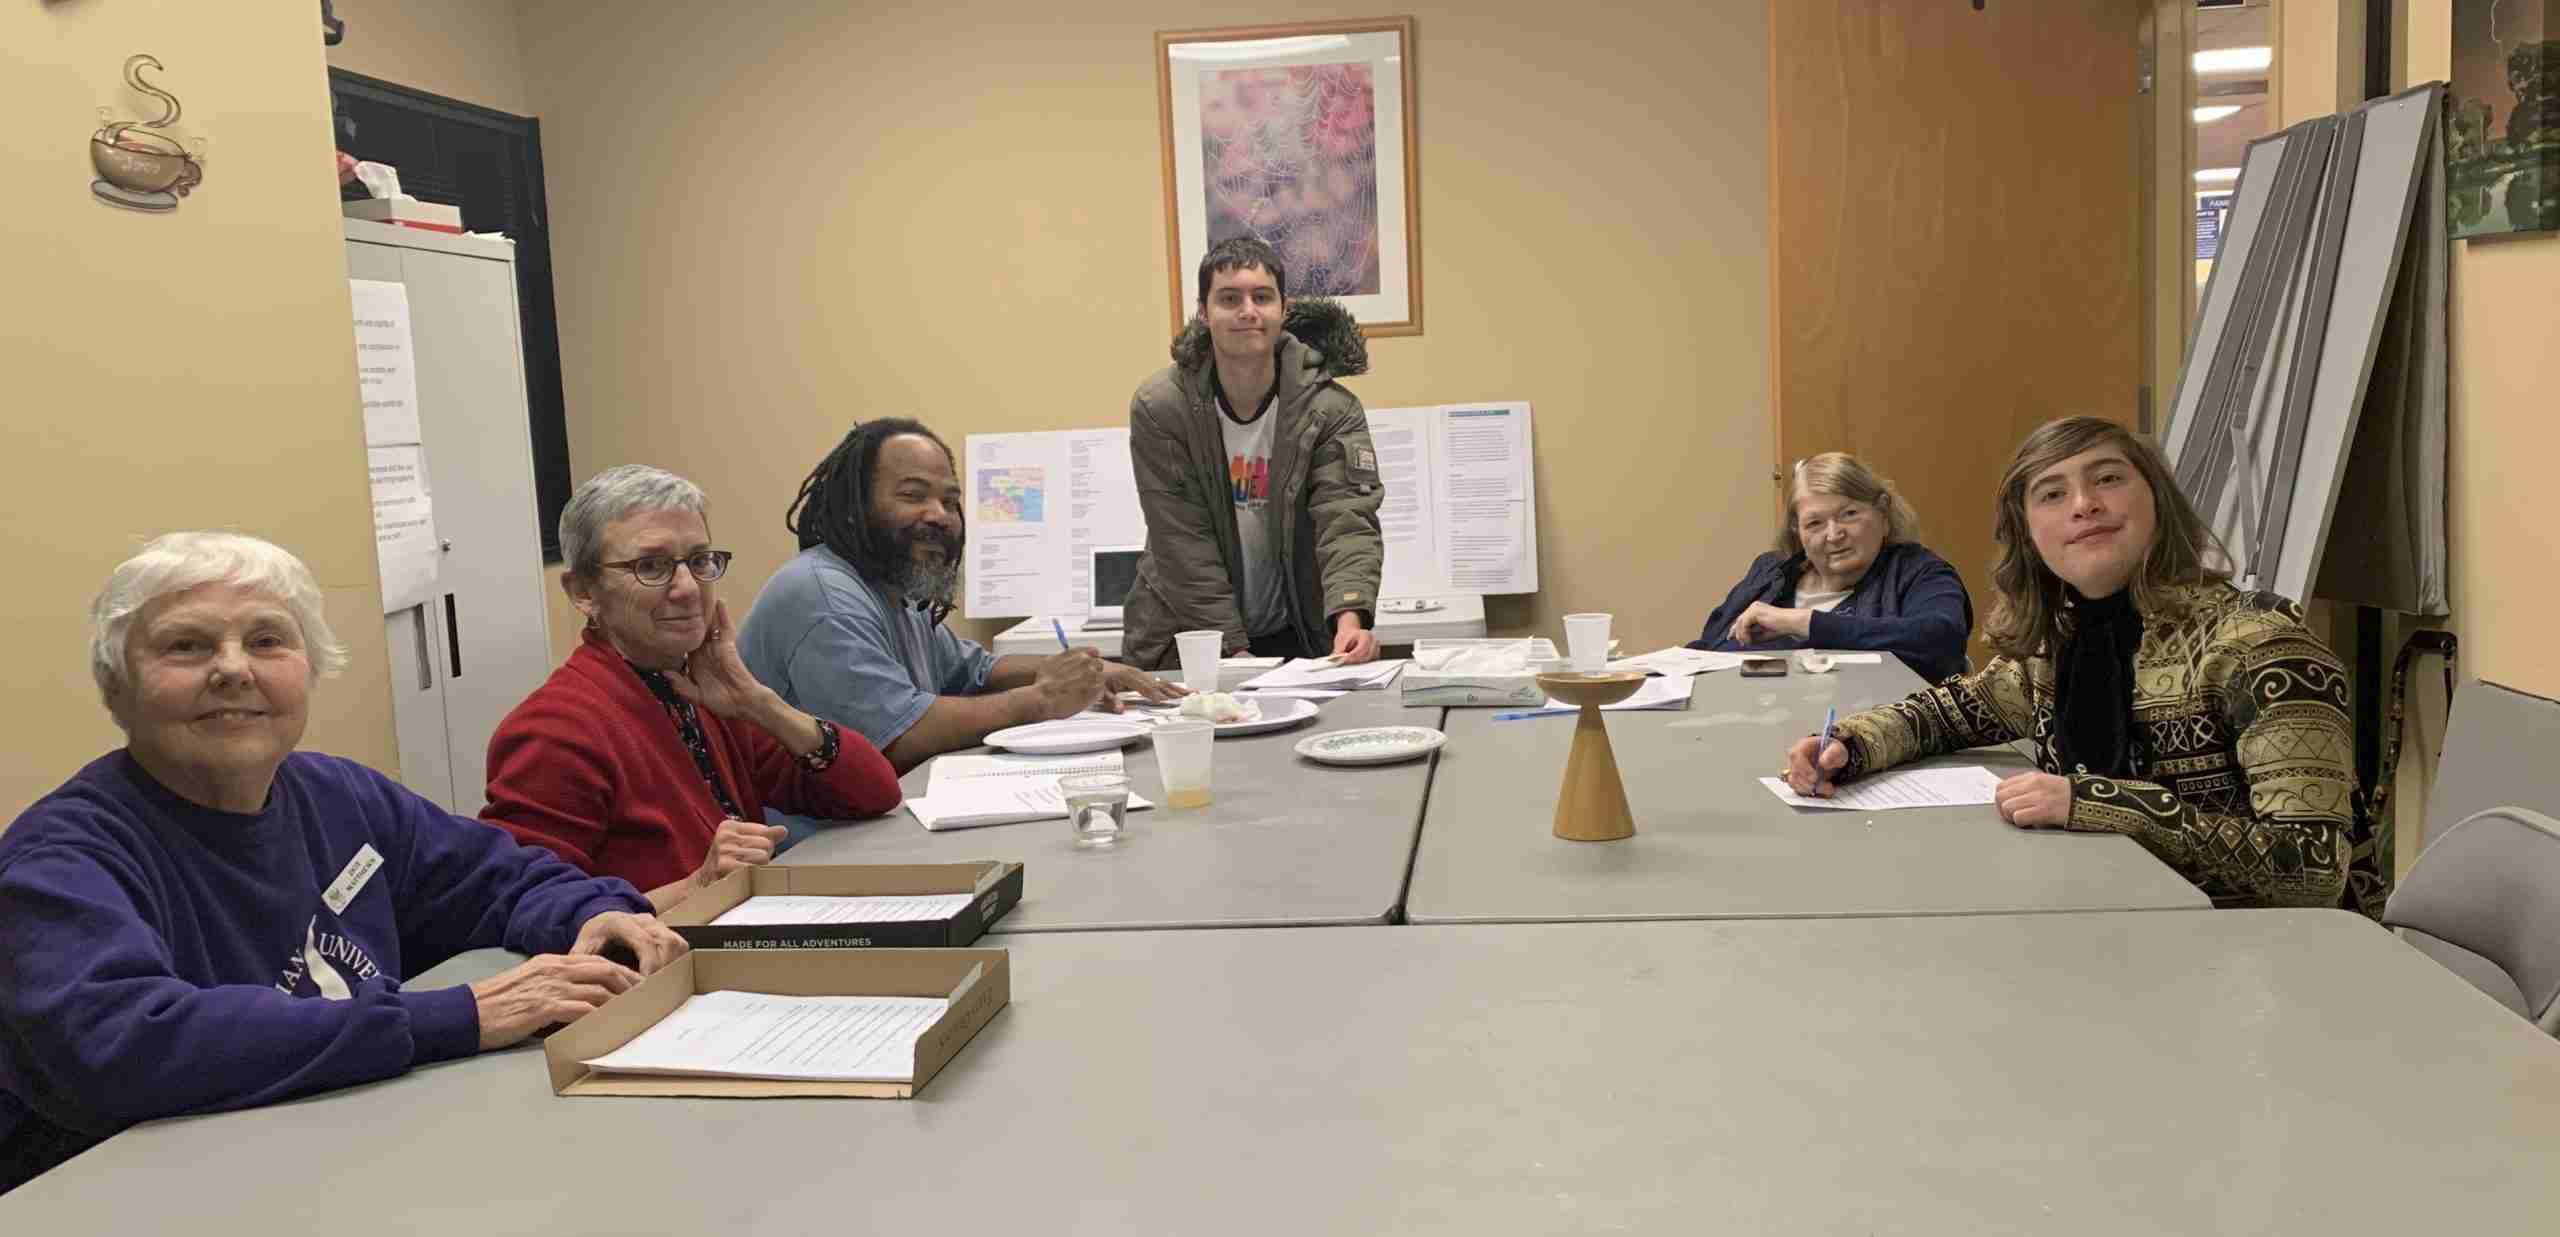 photo of congregants around table